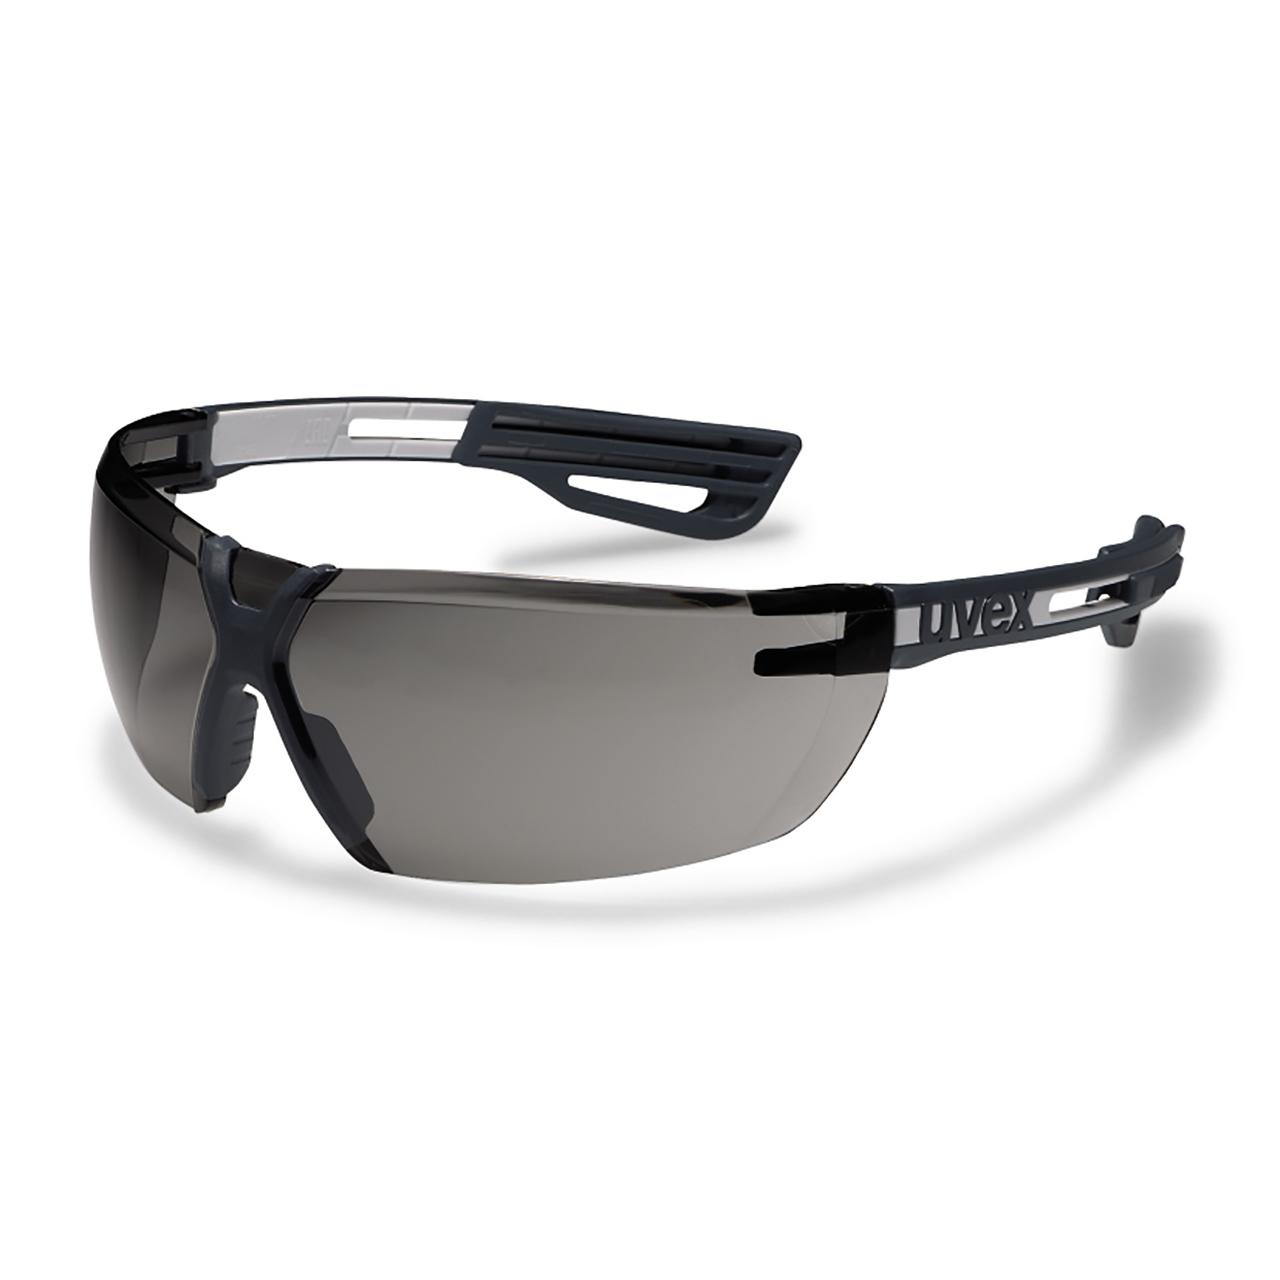 uvex Safety Glasses | Prescription Safety Glasses | uvex safety